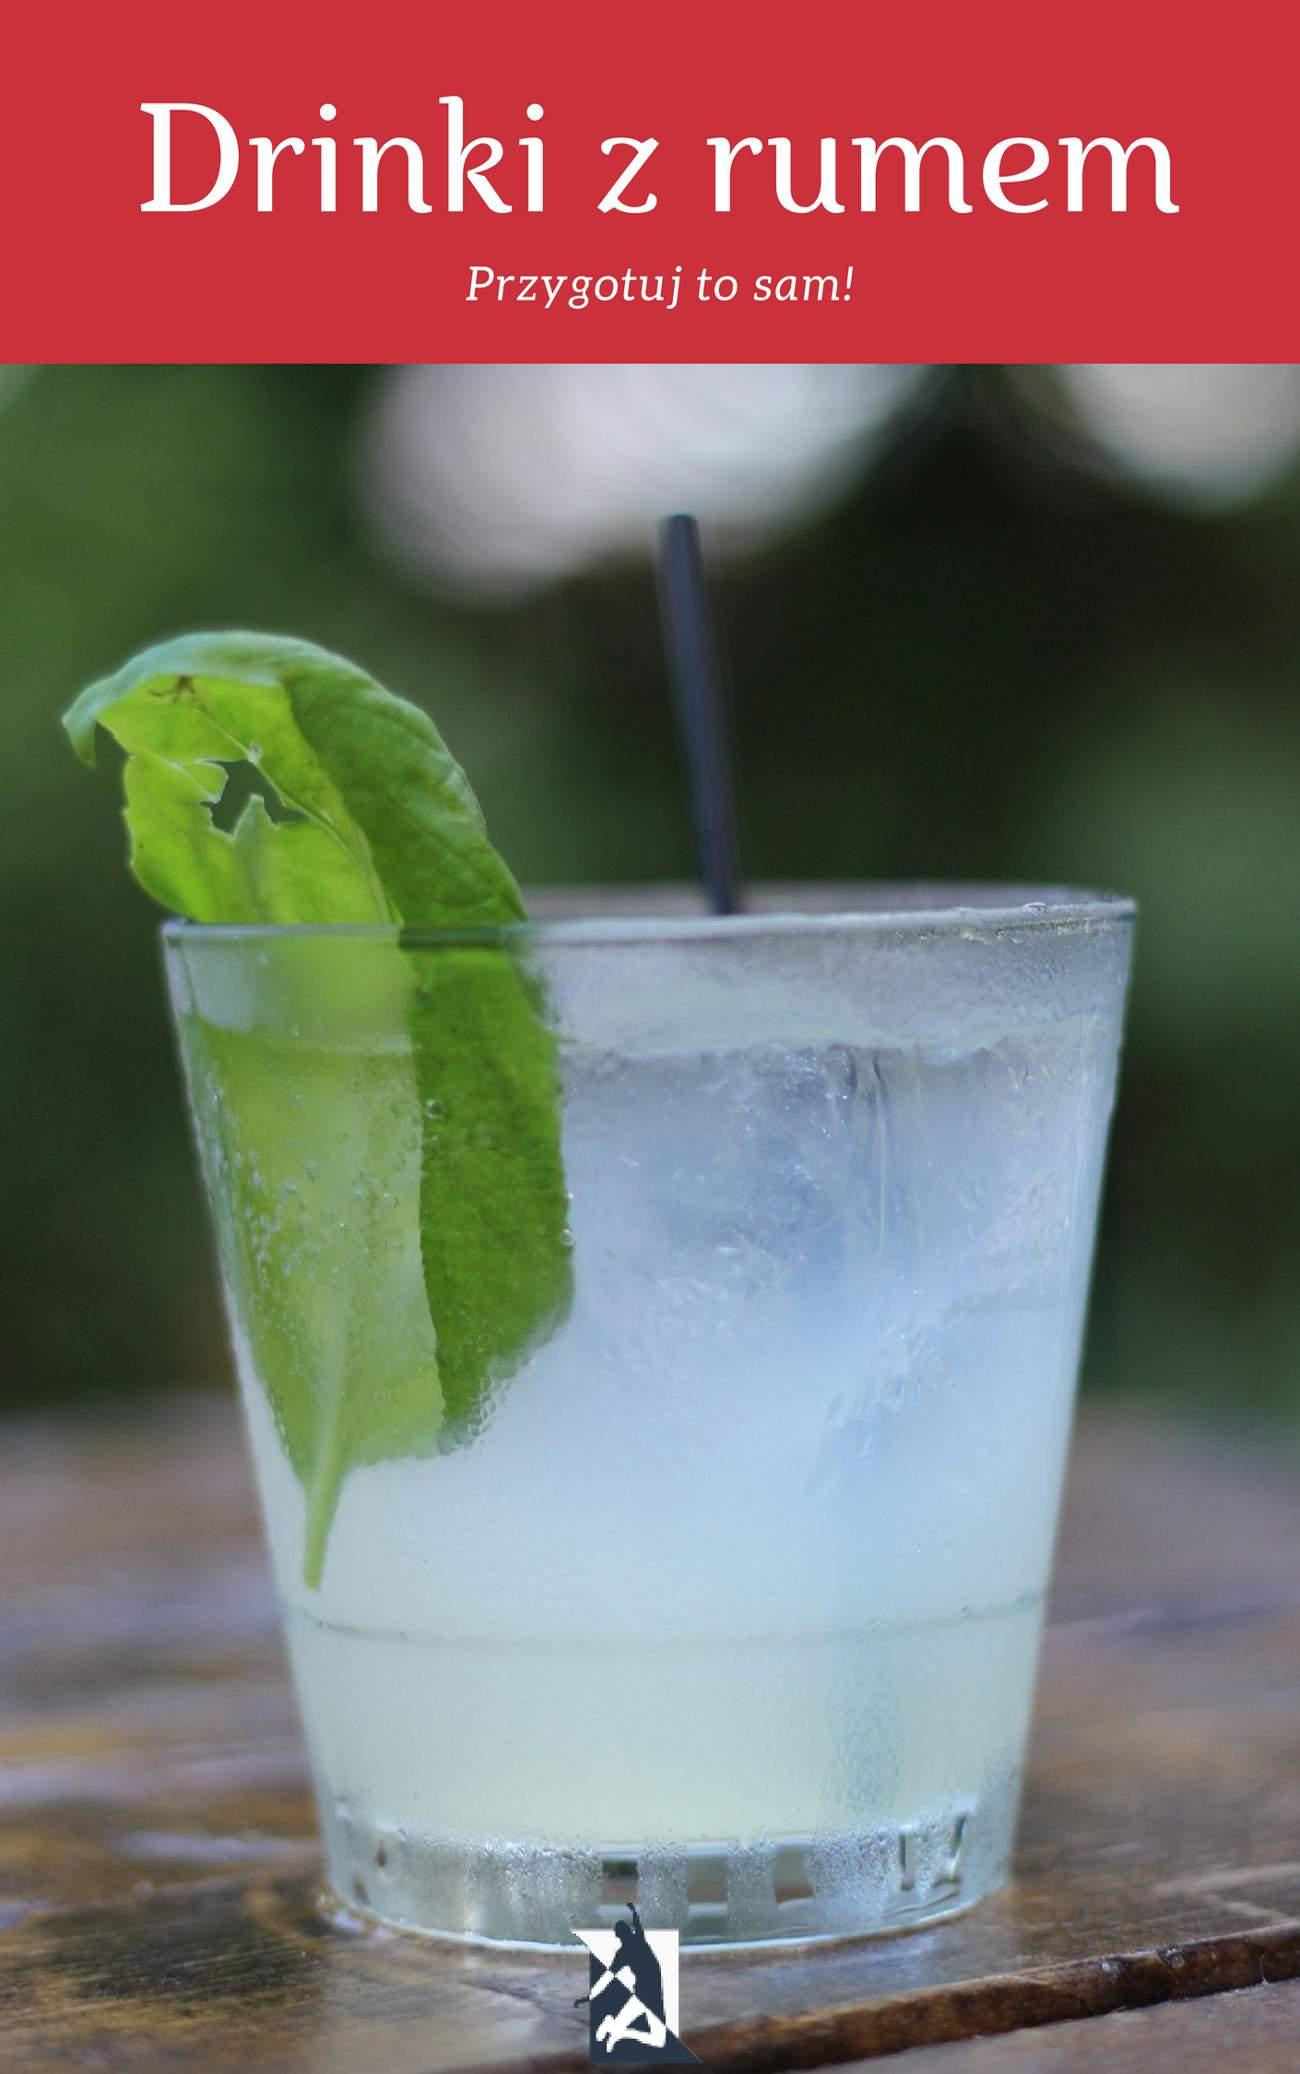 Drinki z rumem. Przygotuj to sam! - Ebook (Książka EPUB) do pobrania w formacie EPUB